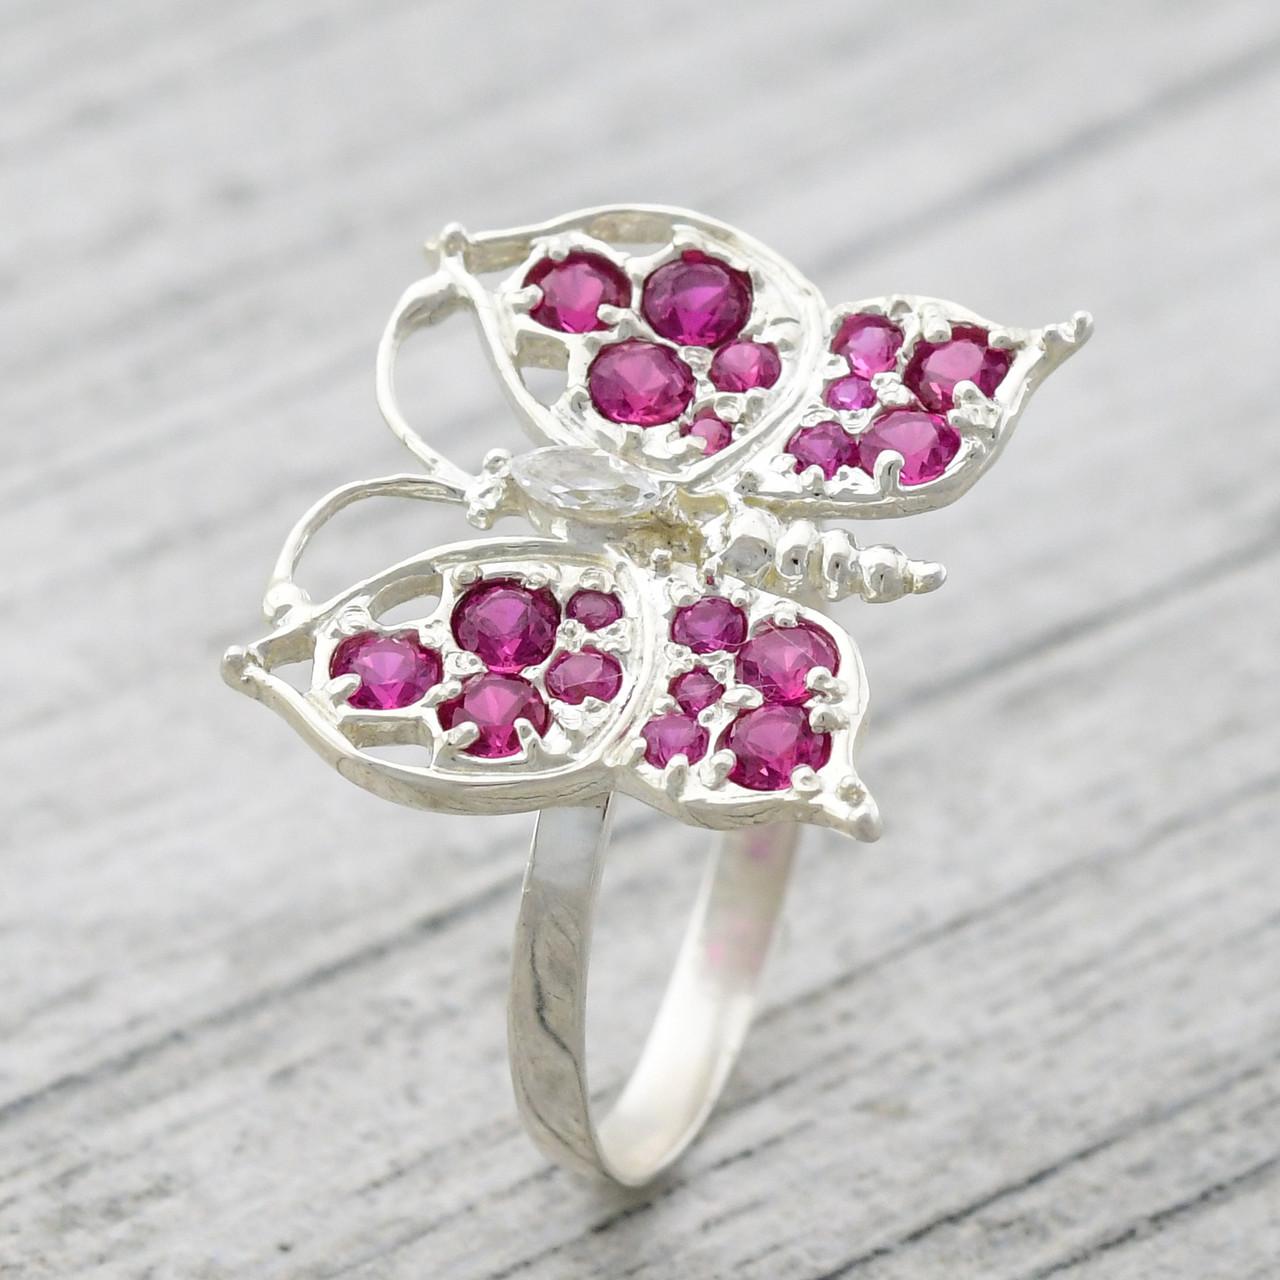 """Серебряное кольцо """"Бабочка"""", вставка малиновые и белые фианиты, вес 2.75 г, размер 16"""